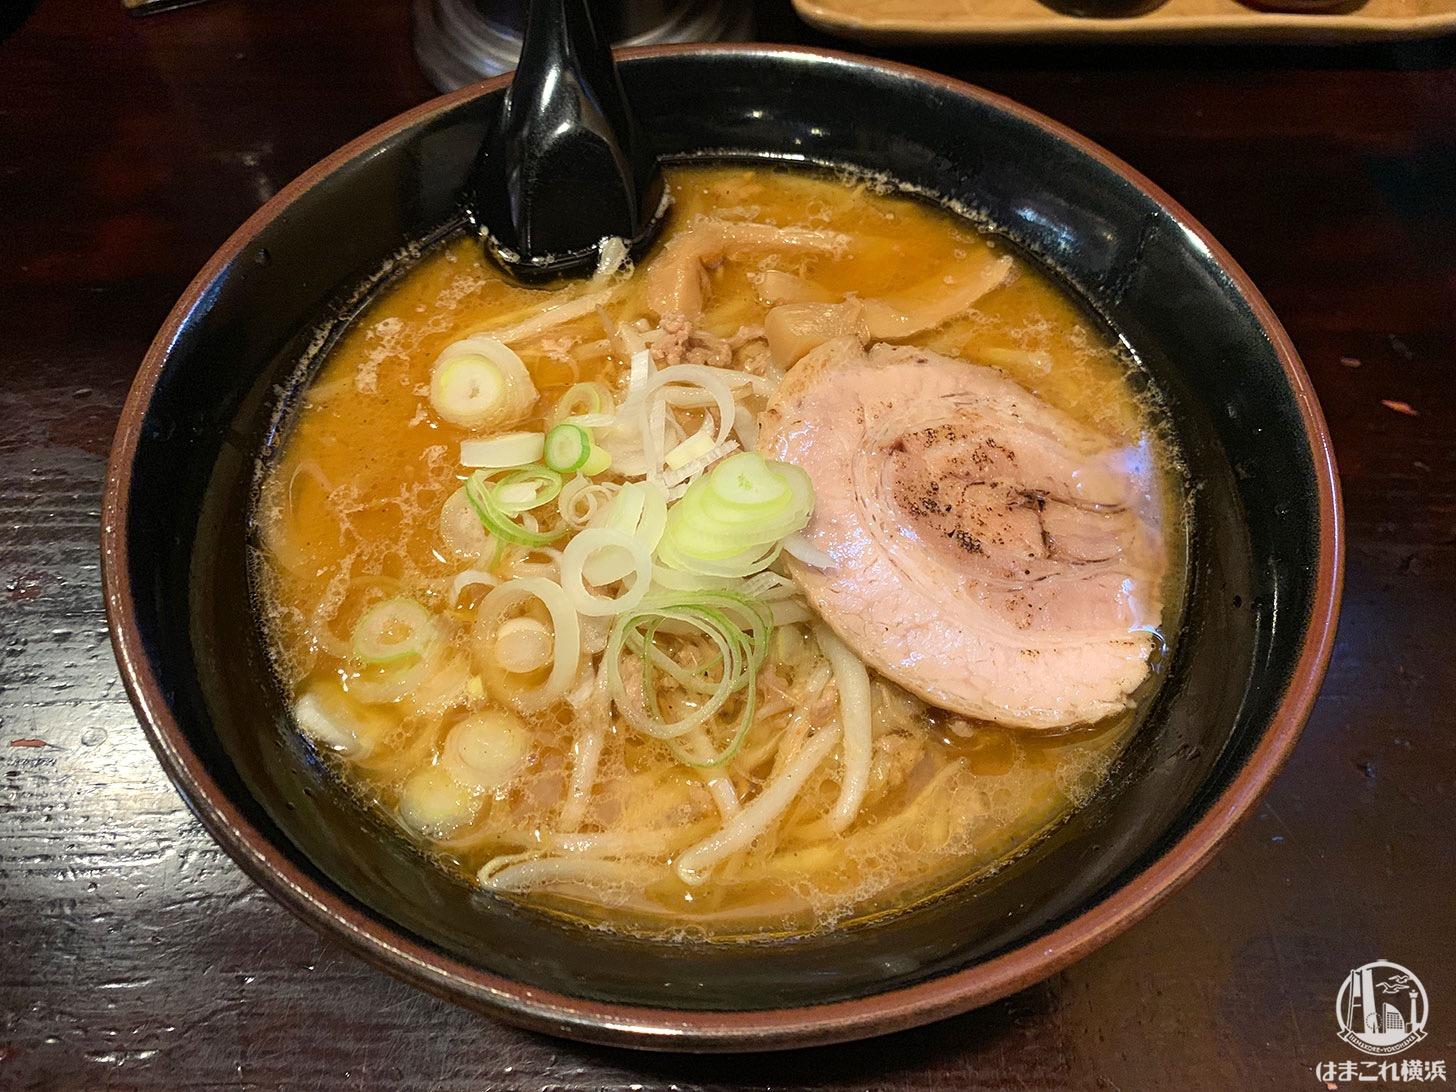 横浜・磯子「麺屋 和光」のさっぽろ味噌ラーメンが甘く濃厚でリピする一杯